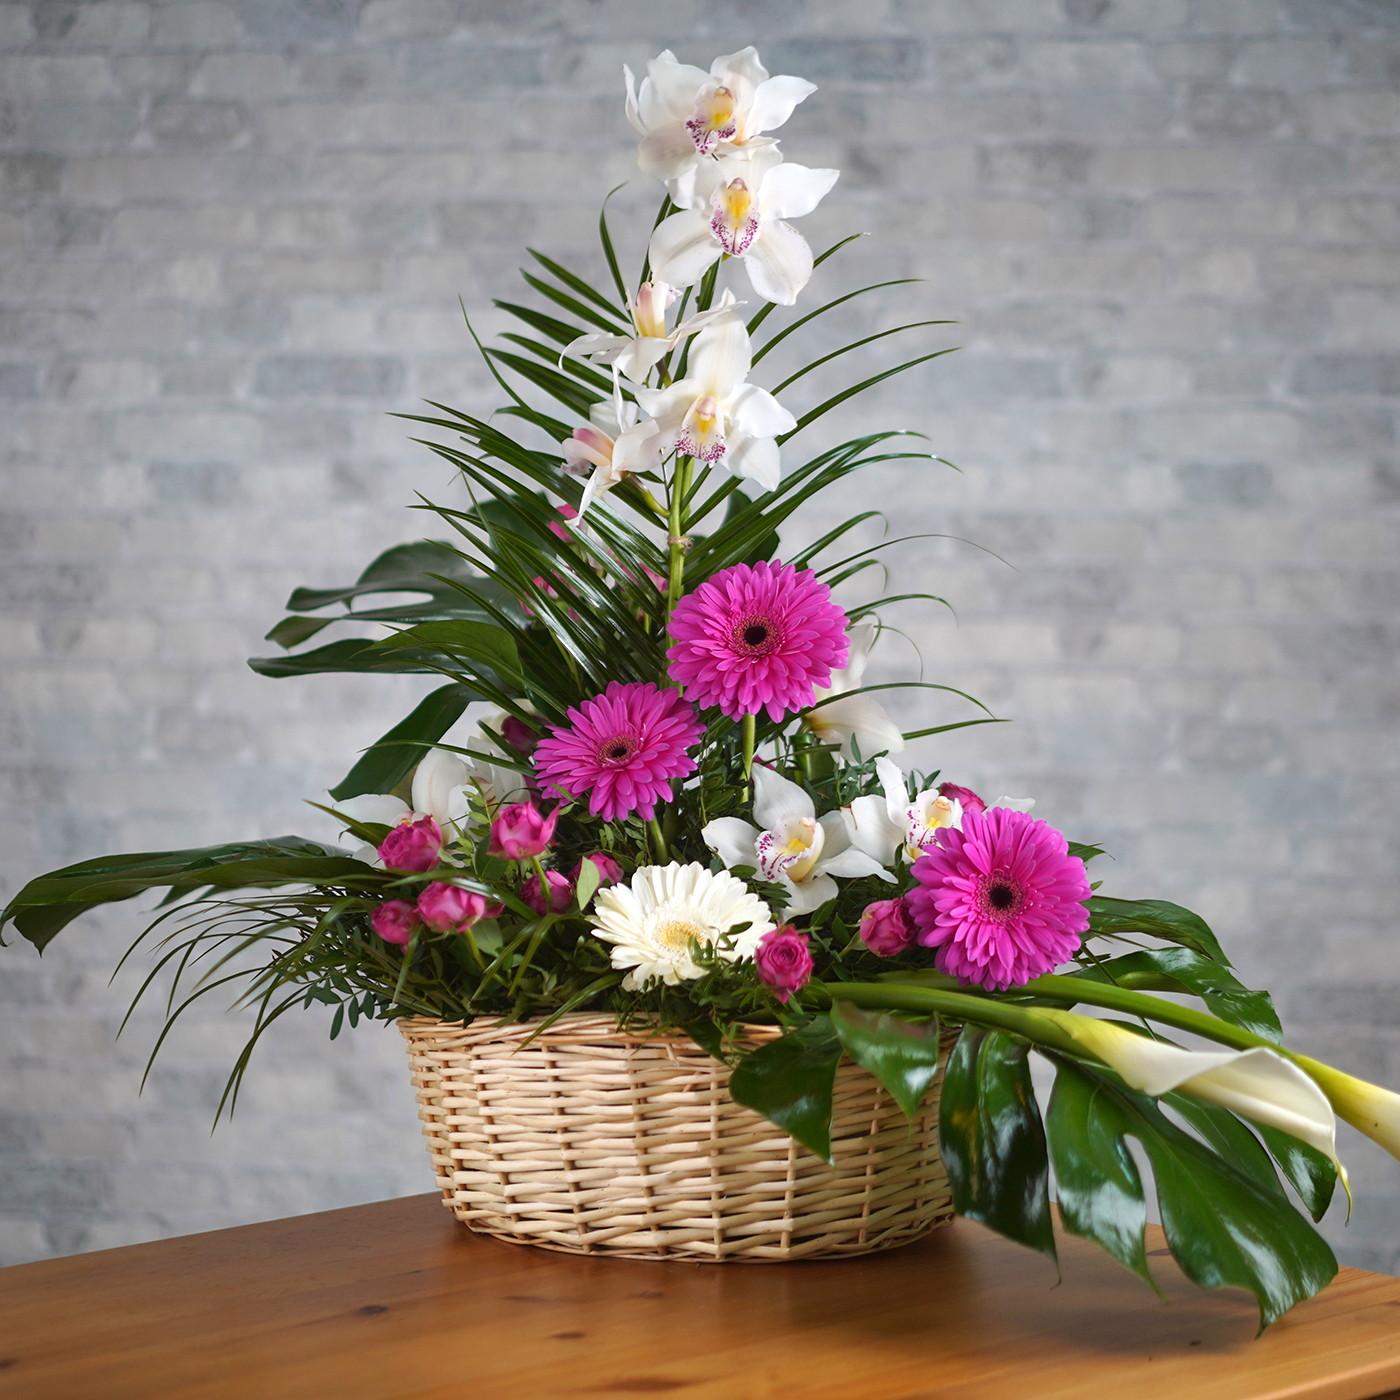 Композиция с орхидеей «Белый танец»